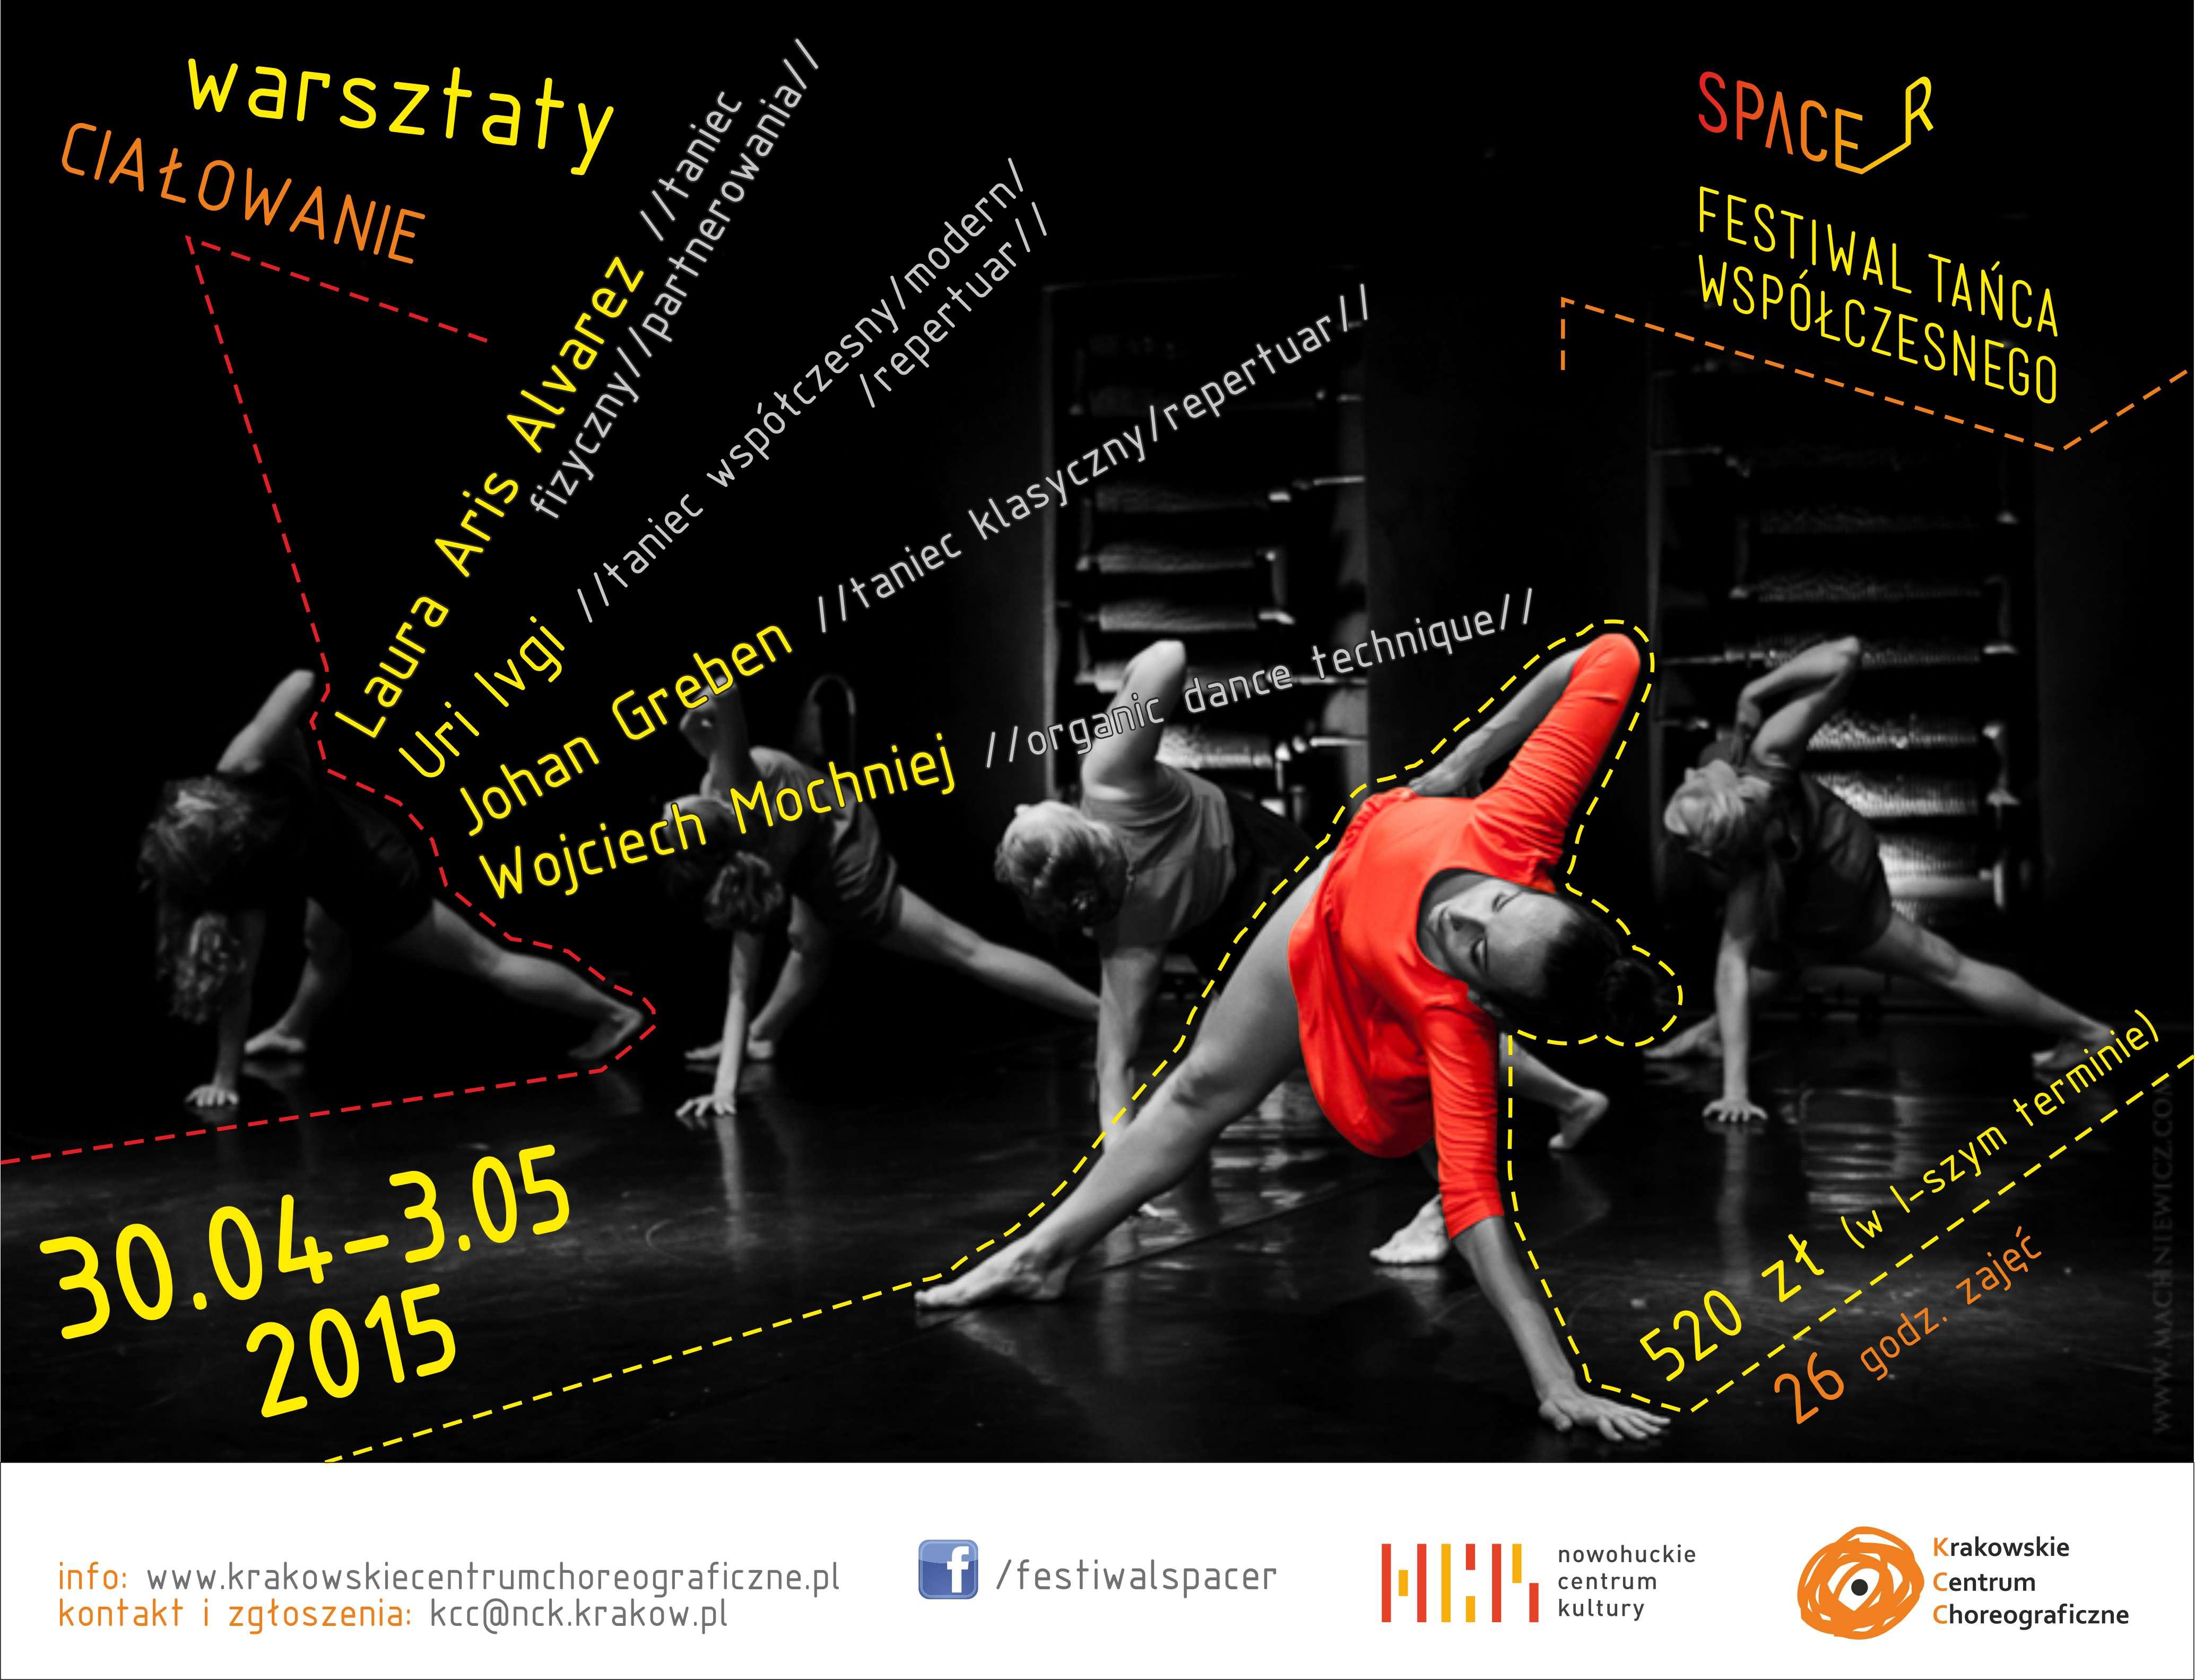 CIAŁOWANIE workshops on Festival SPACER